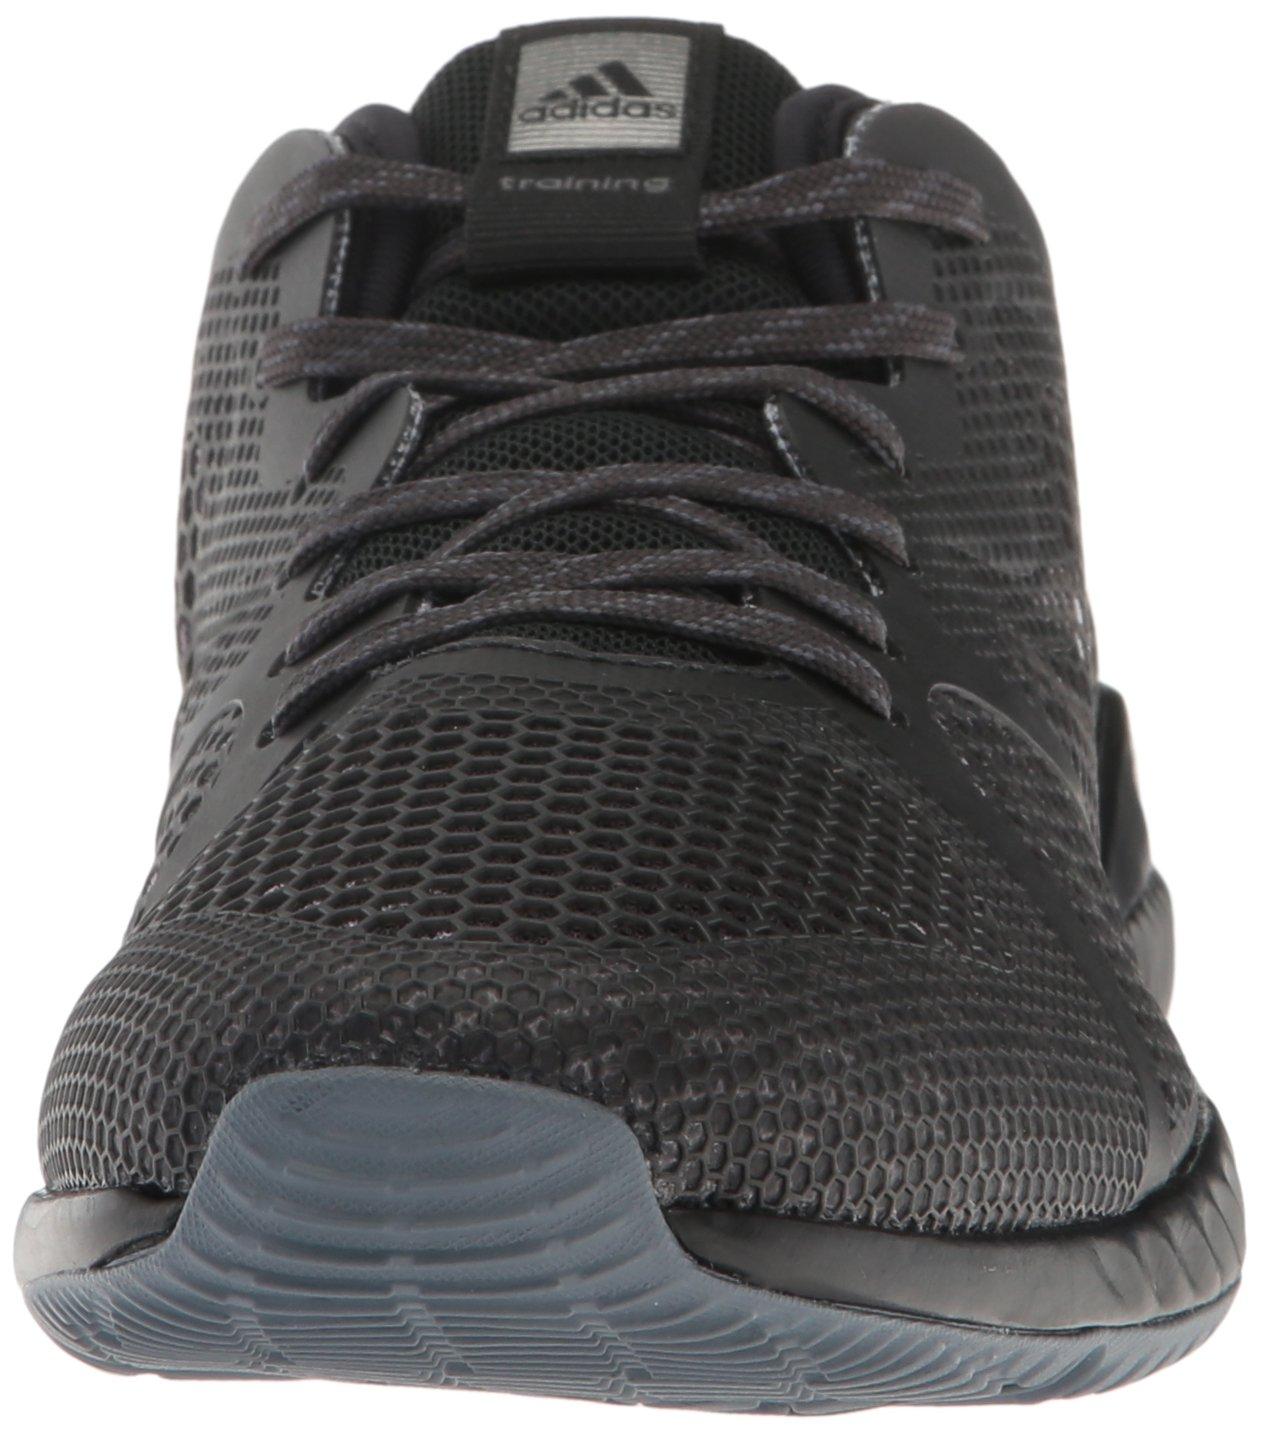 b4e659e89 ... adidas adidas adidas Women s Crazytrain Bounce Cross-Trainer Shoes  B01H2G1JZY 10 M US